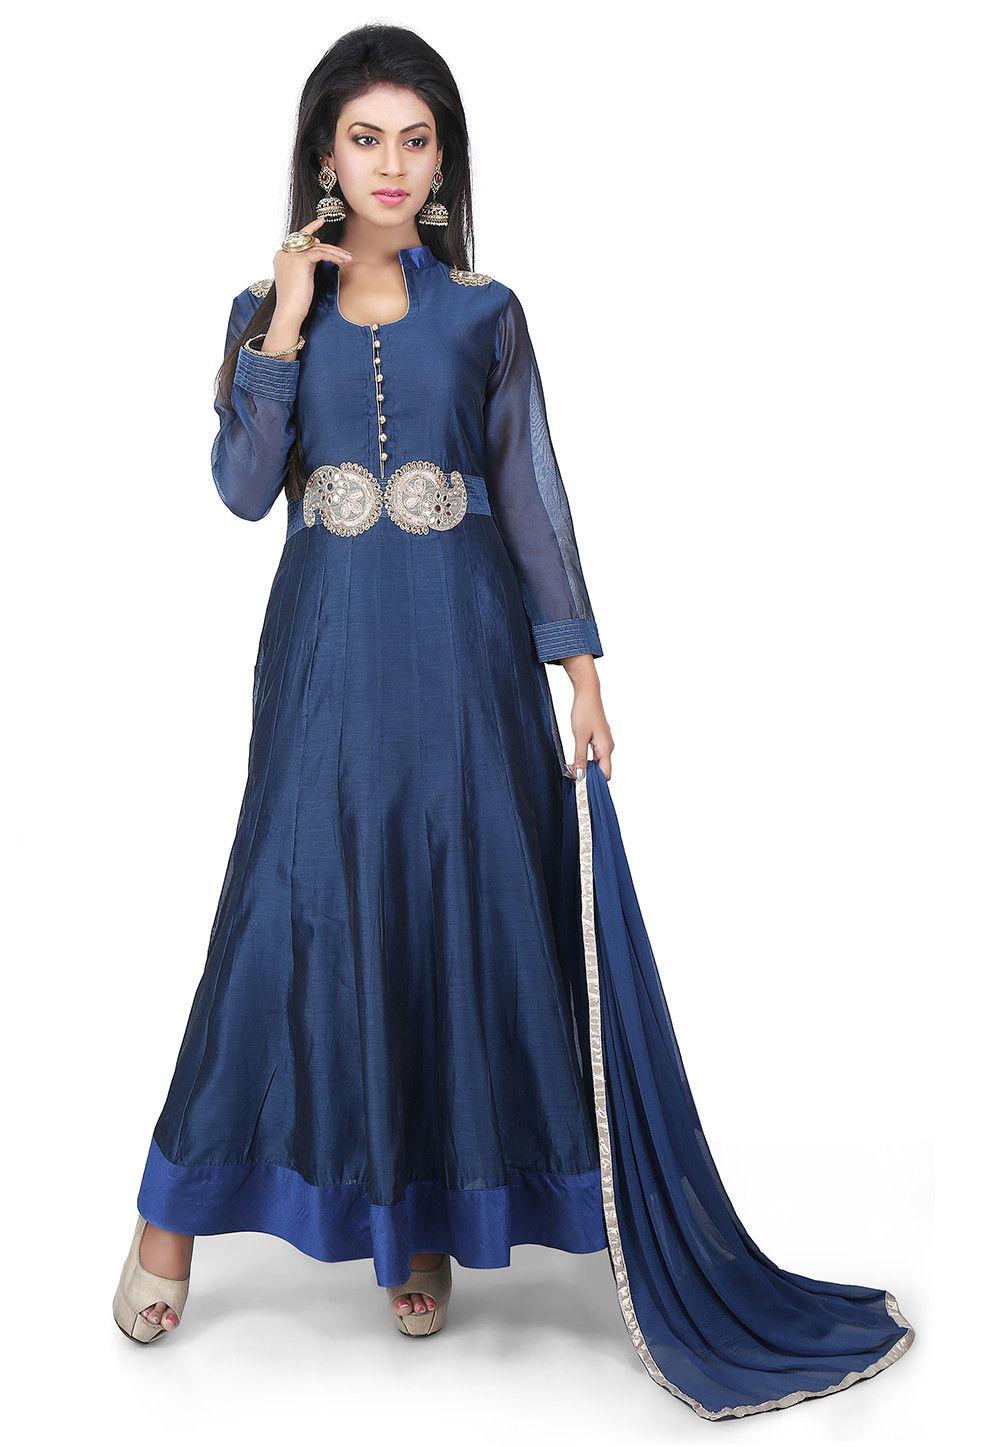 Embroidered Chanderi Cotton Anarkali Suit in Dark Blue